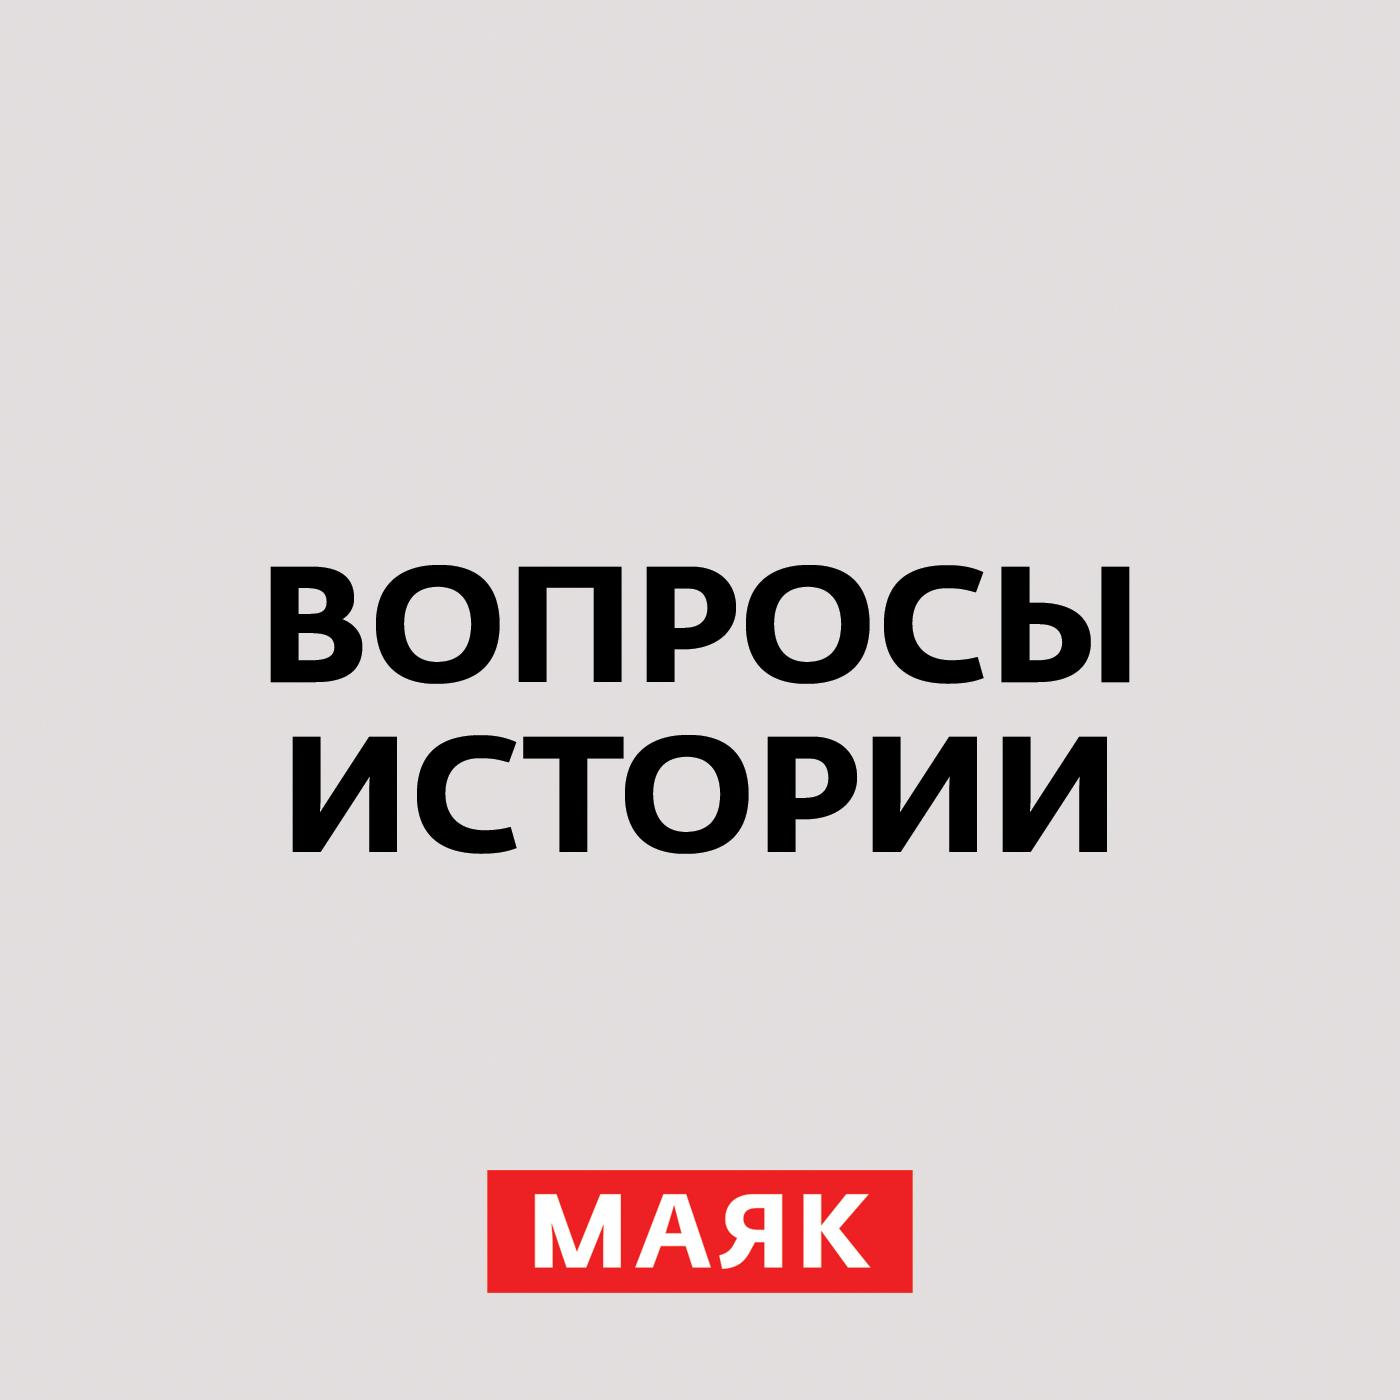 Андрей Светенко Как Наполеон дошёл до жизни такой наполеон бонапарт императорские максимы